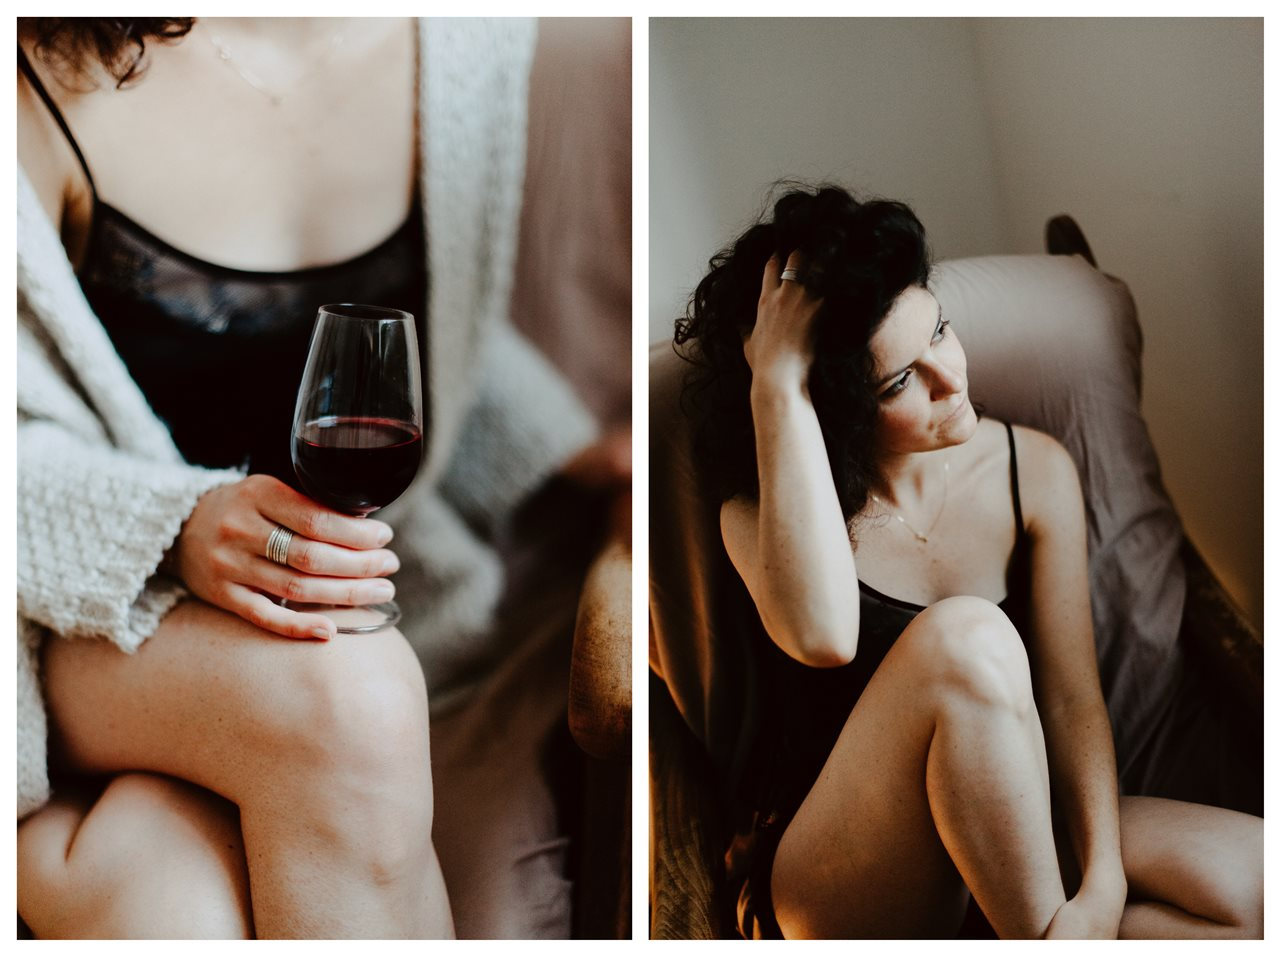 séance portrait femme intimiste cocooning verre de vin cheveux toucher